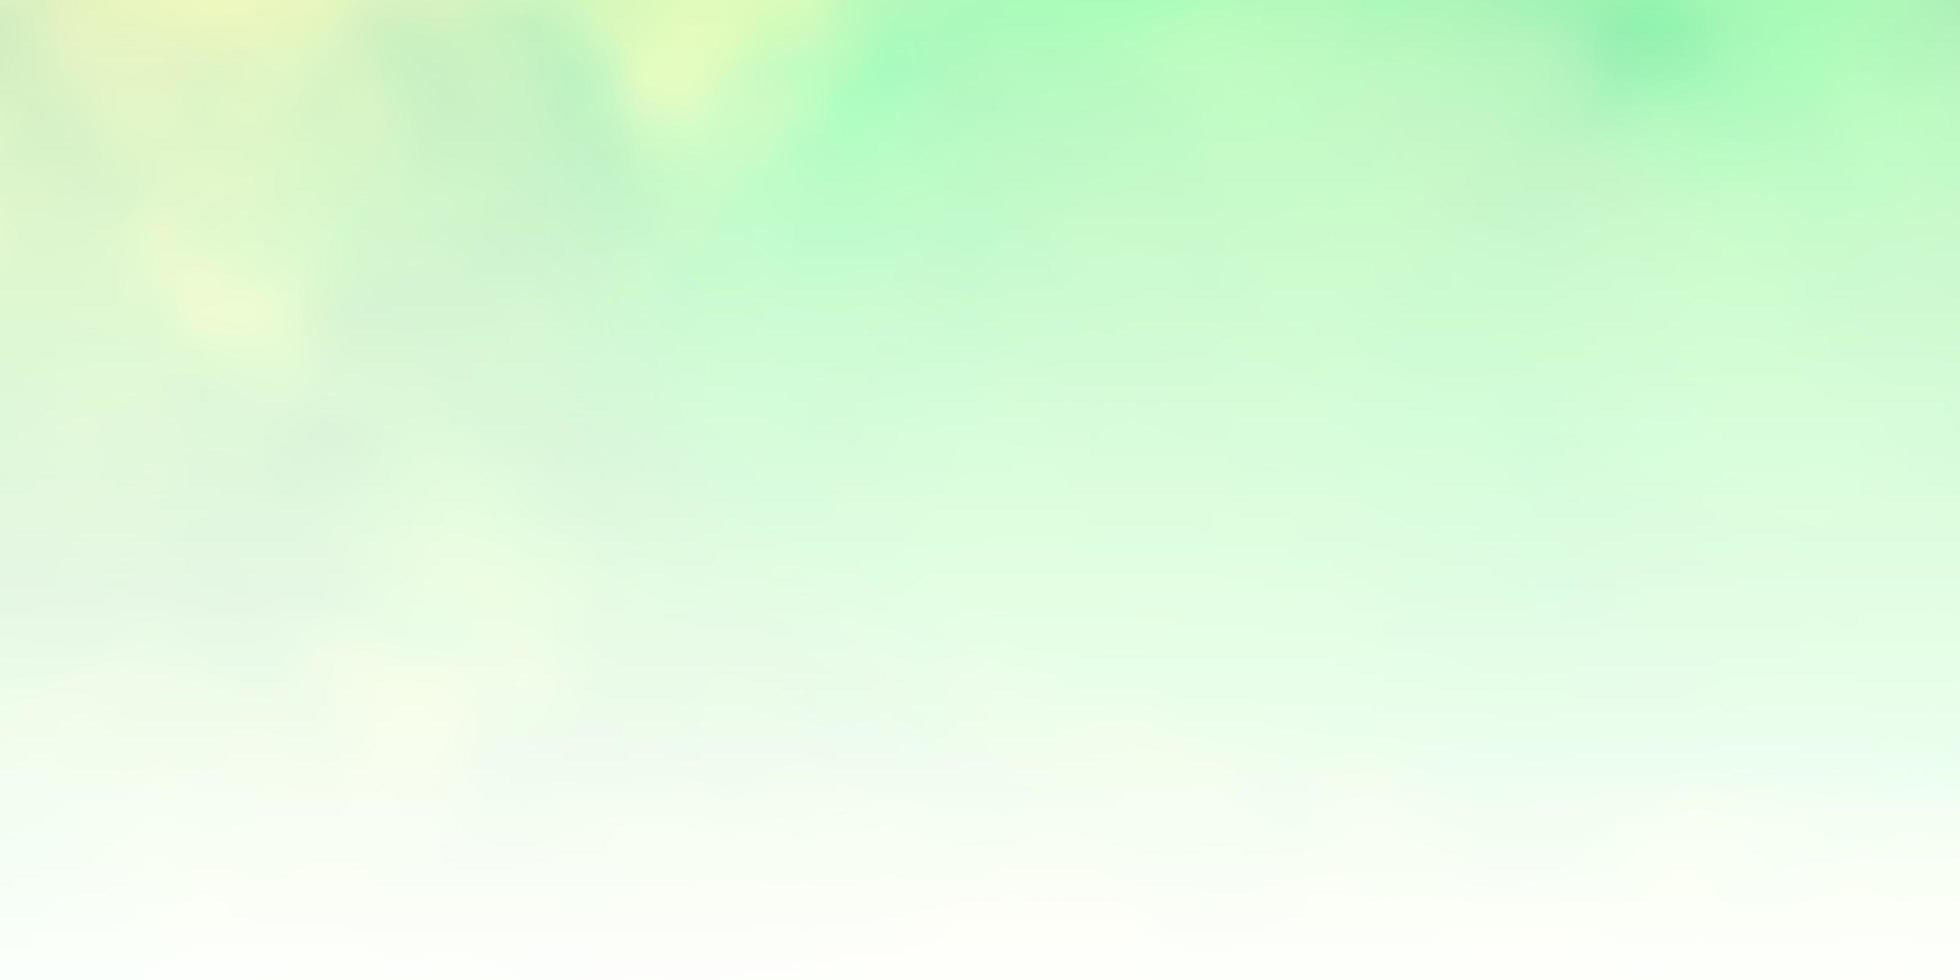 lichtgroen, geel sjabloon met lucht, wolken. vector